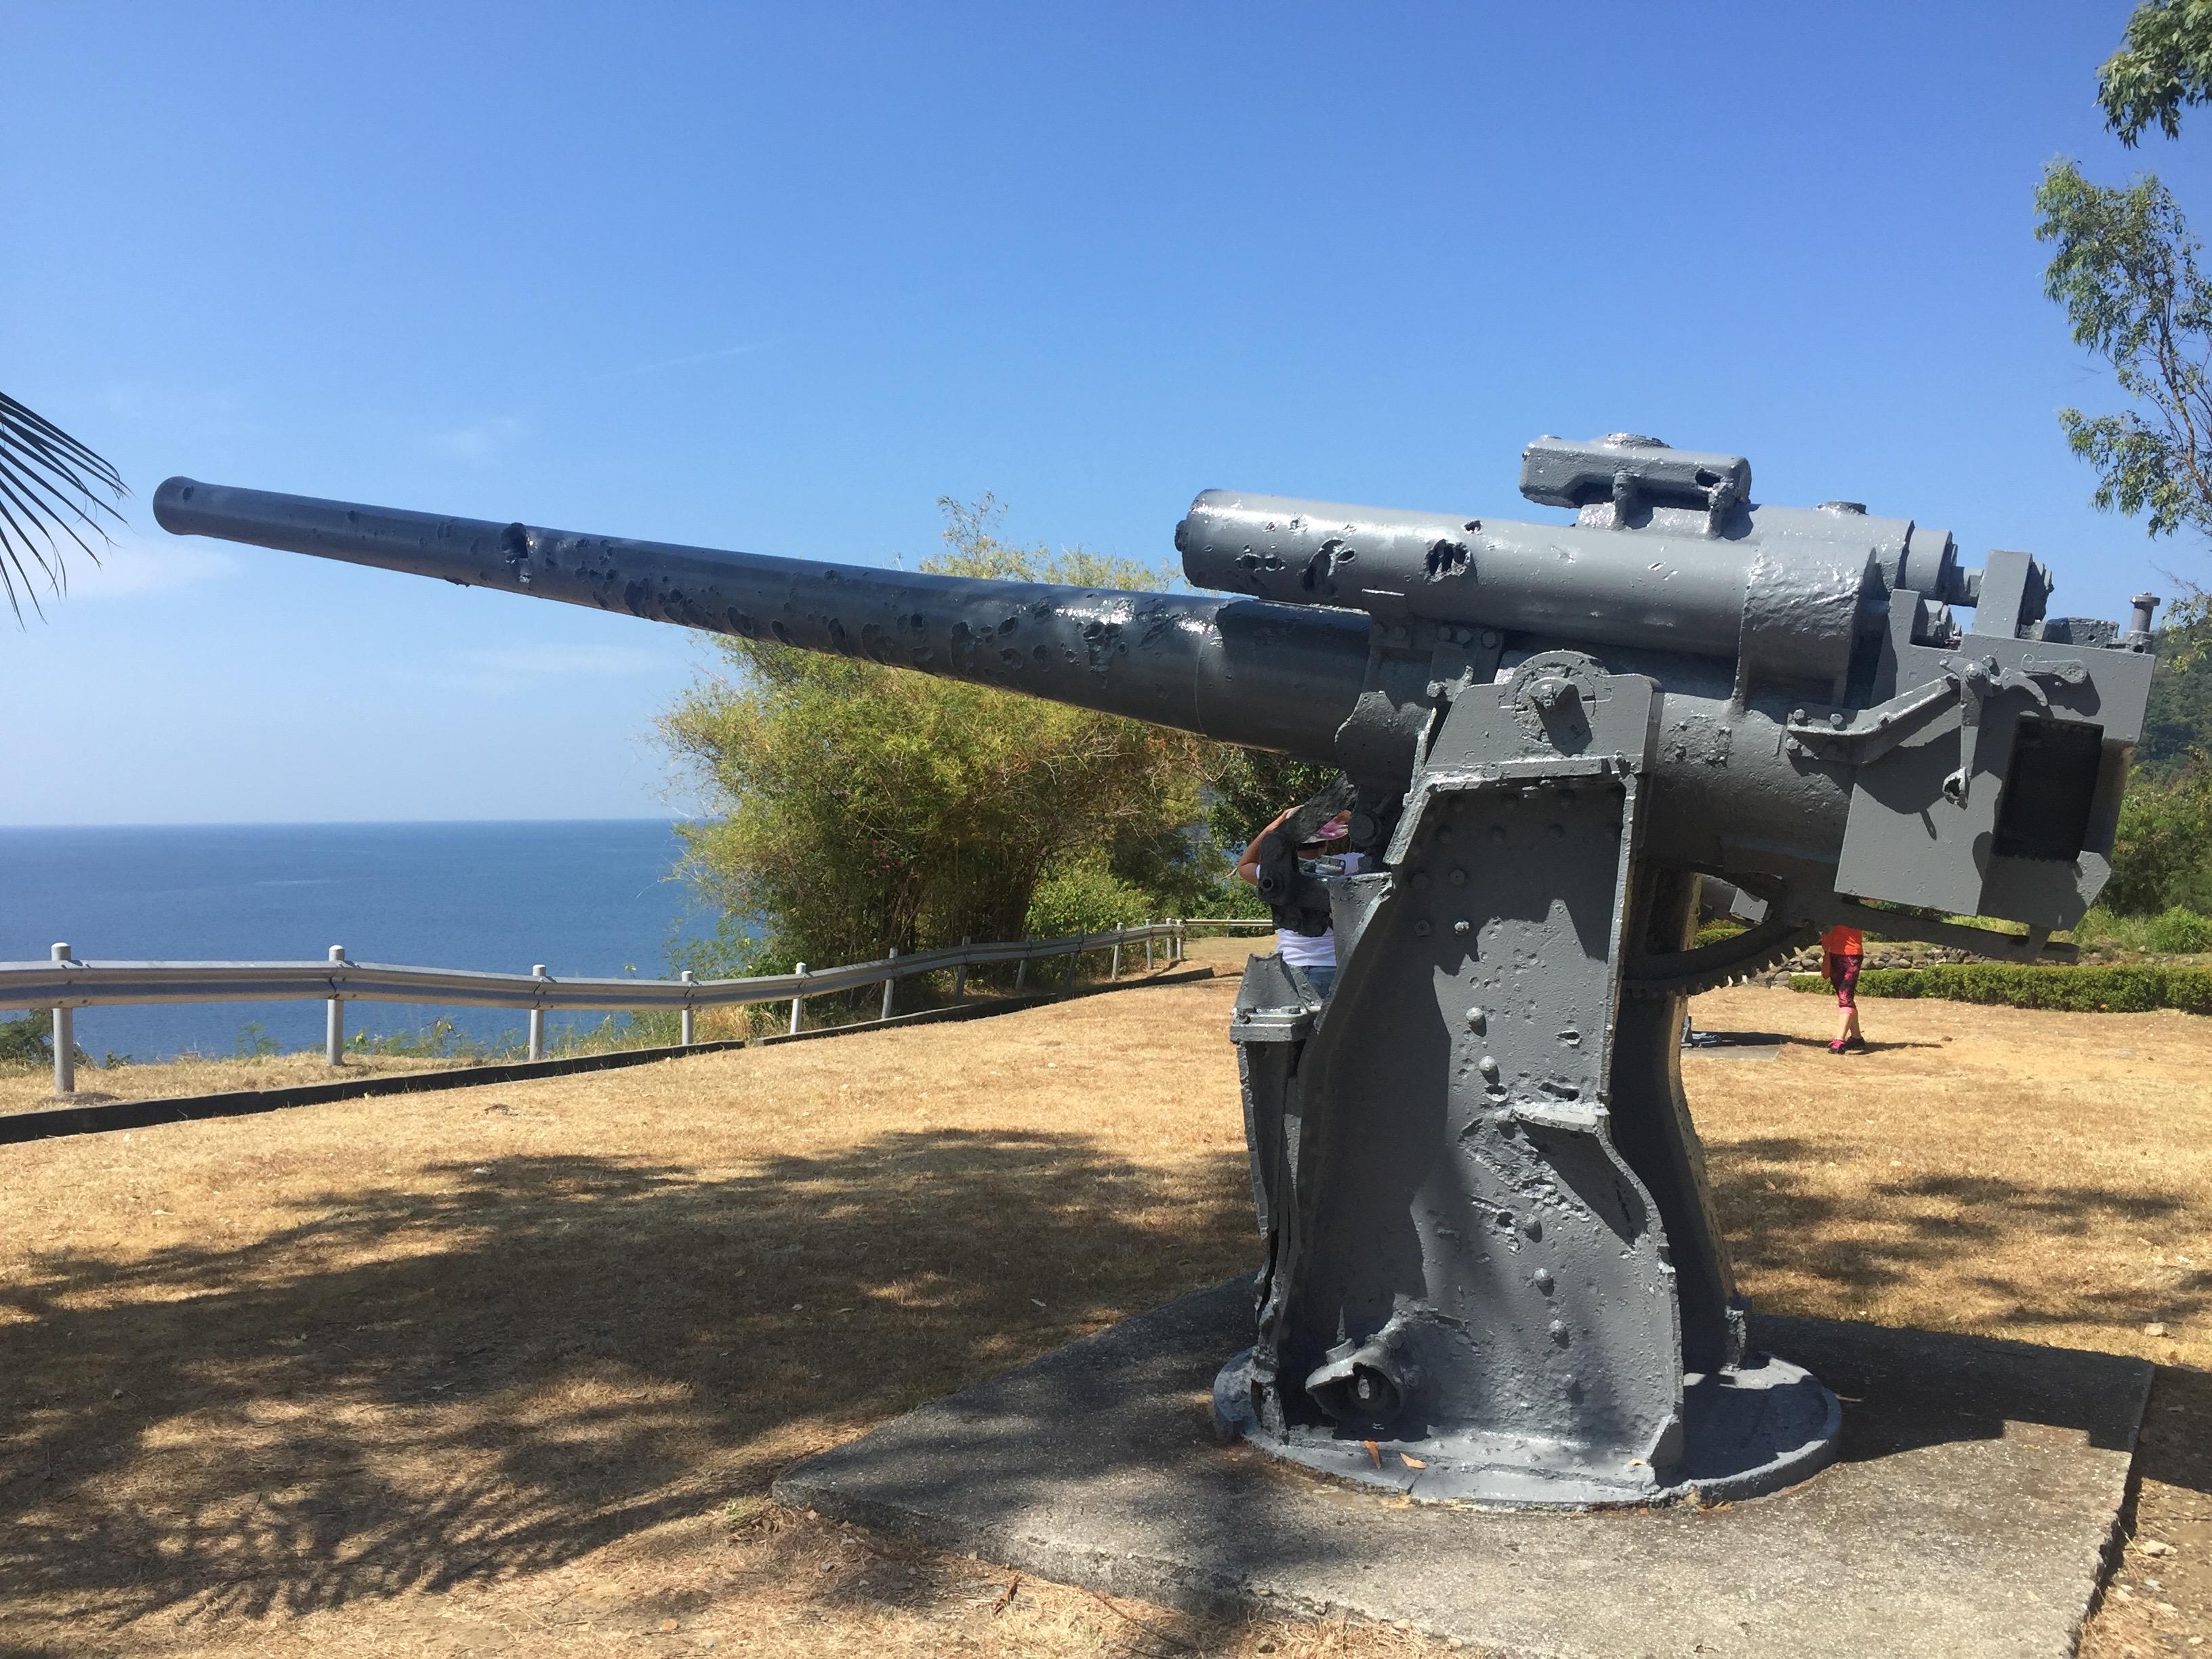 マニラ郊外ツアー 戦争の足跡や歴史に触れる ☆コレヒドール島ツアー